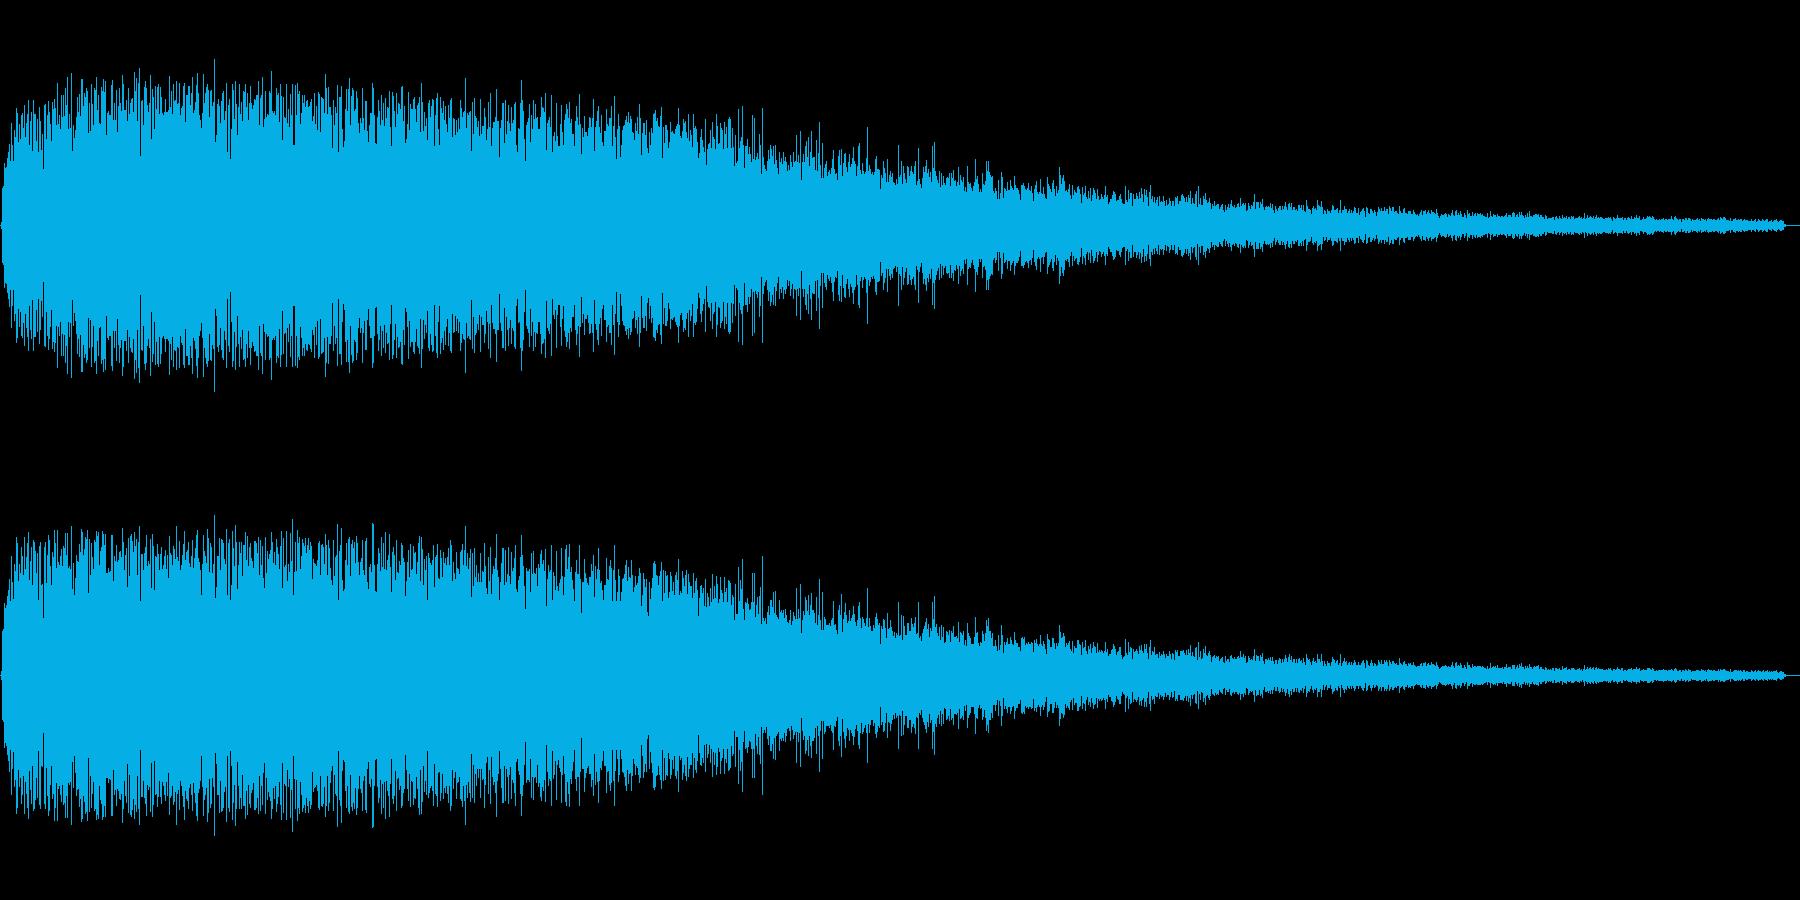 ザザザーと段々と小さくなるノイズ音の再生済みの波形